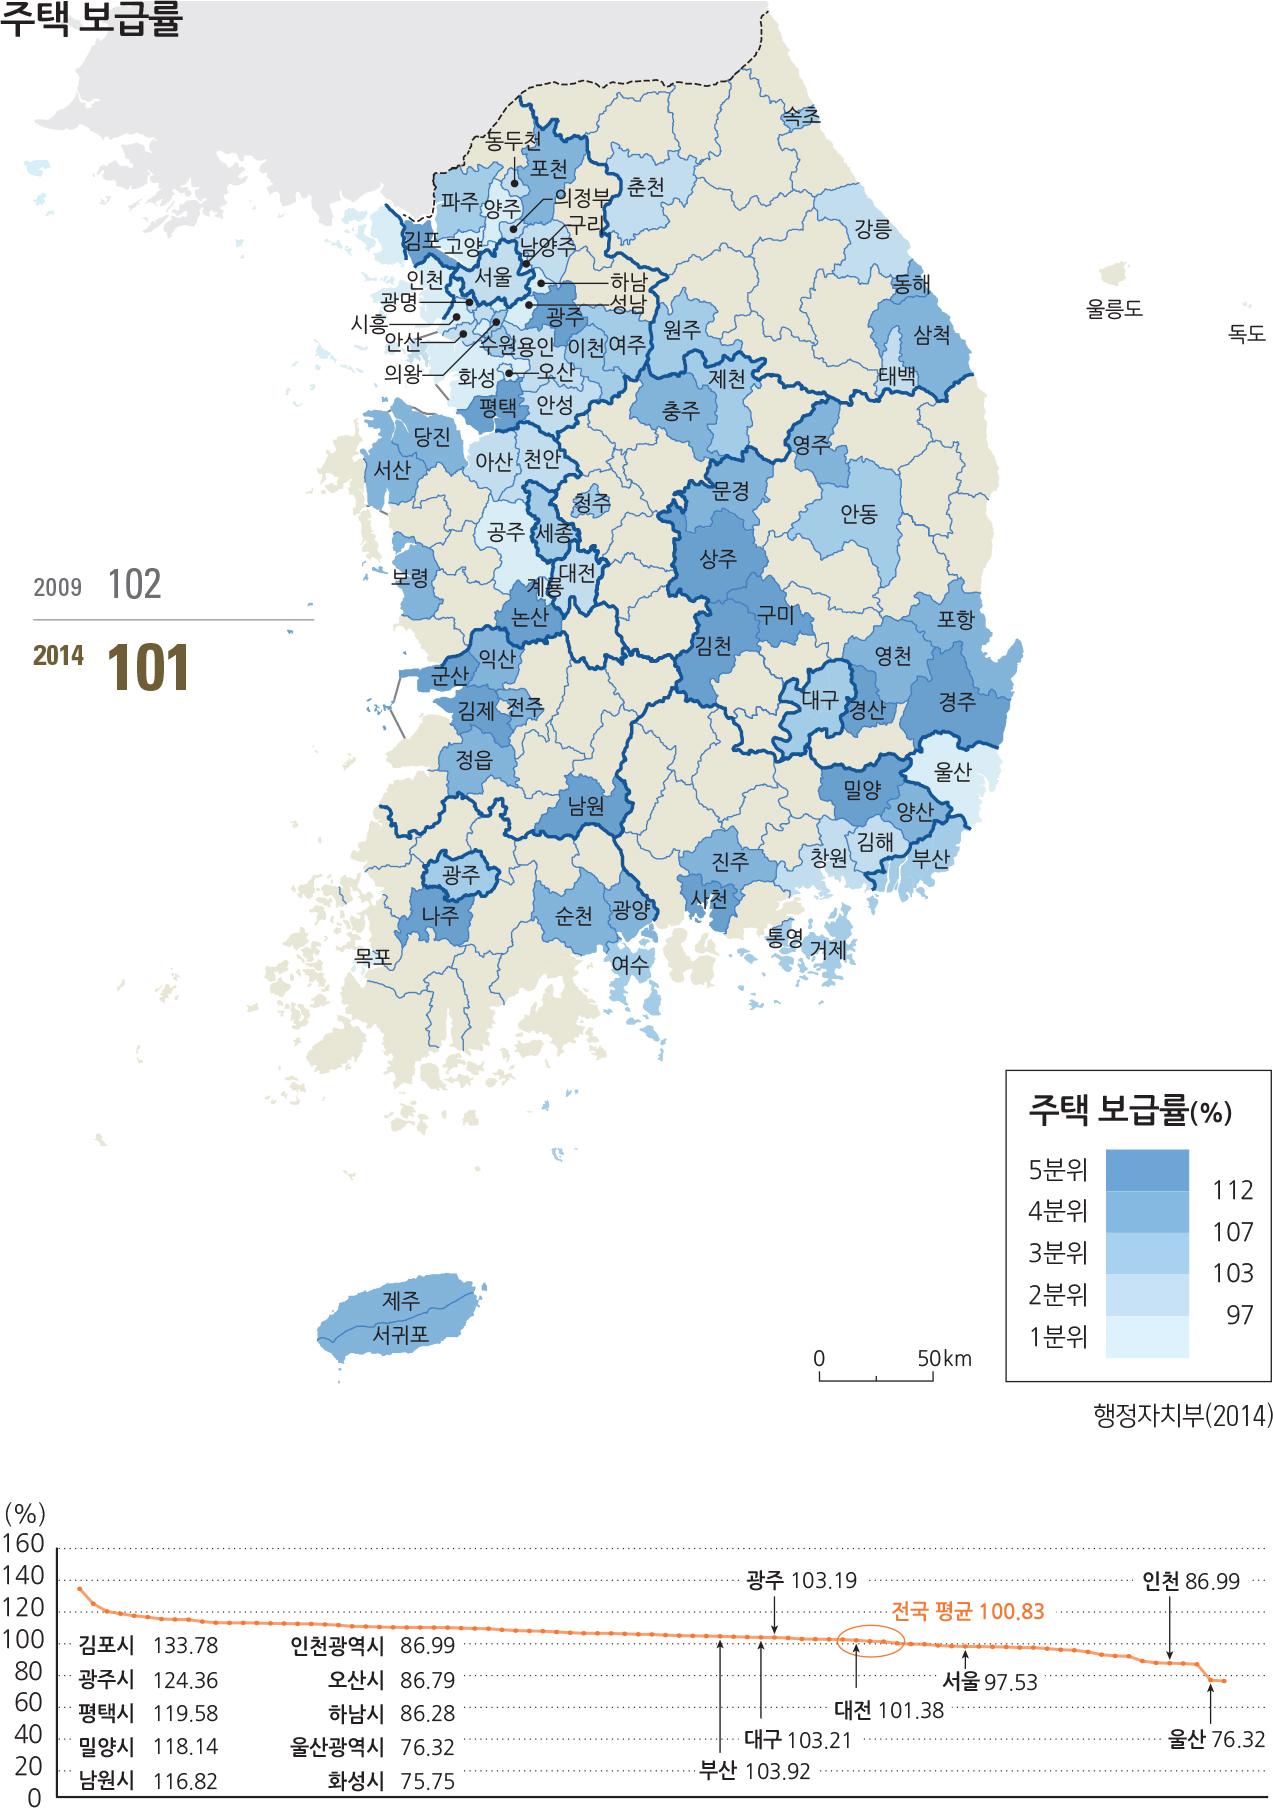 주택보급률